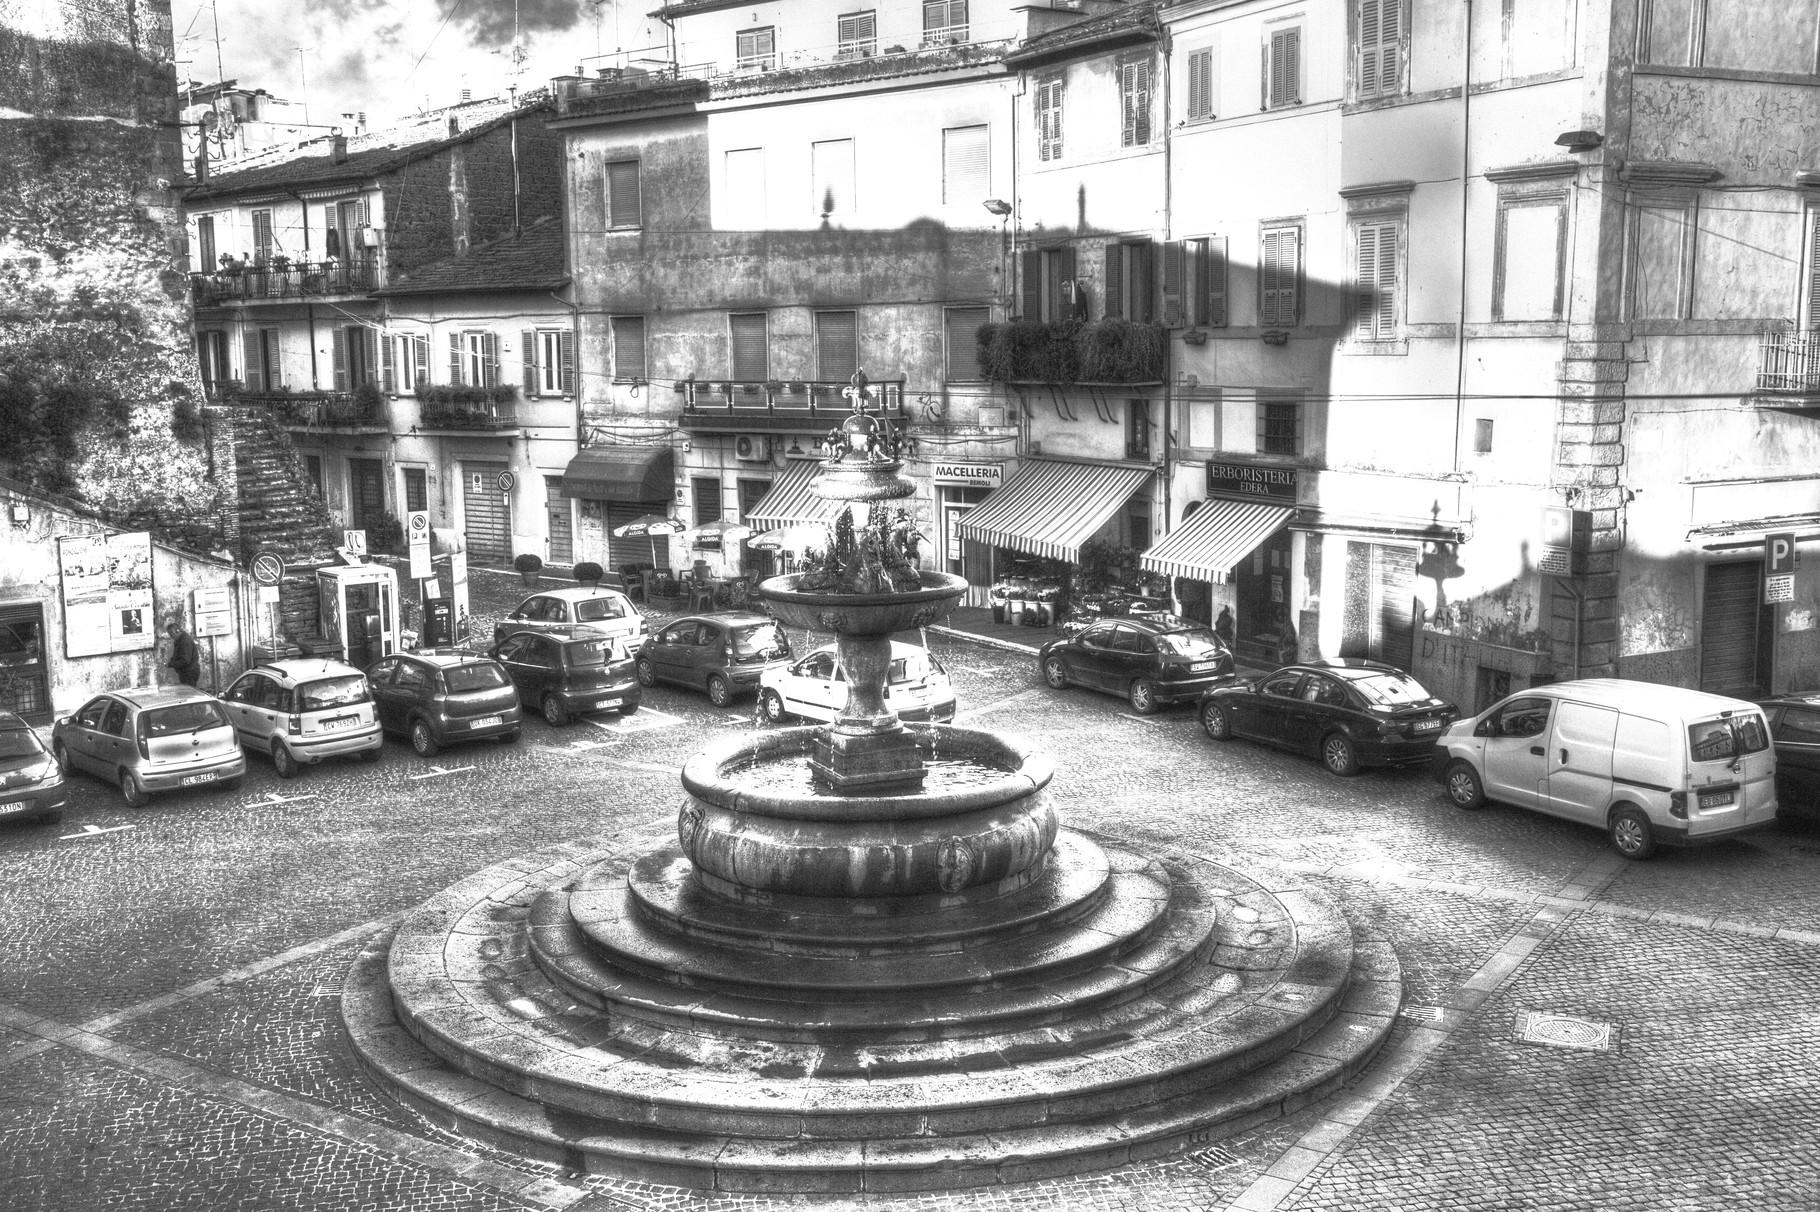 Ronciglione - Fontana Grande o degli Unicorni